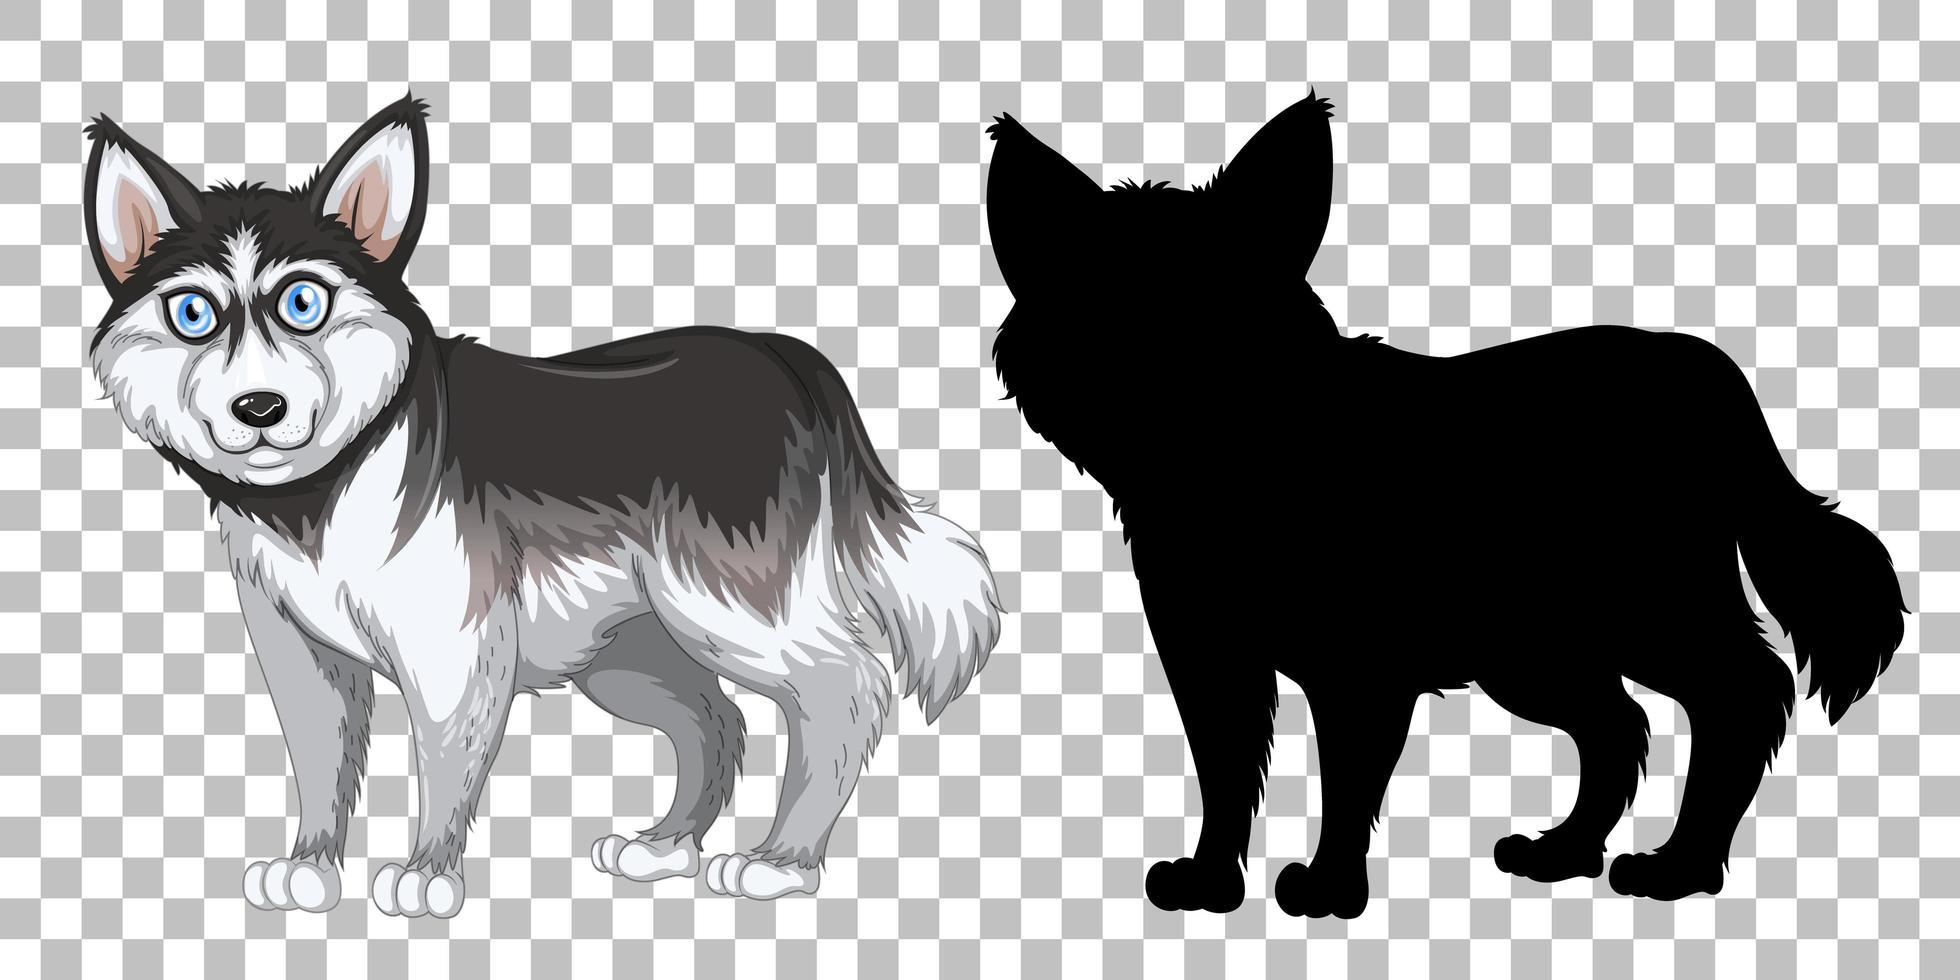 carino siberian husky e la sua silhouette vettore